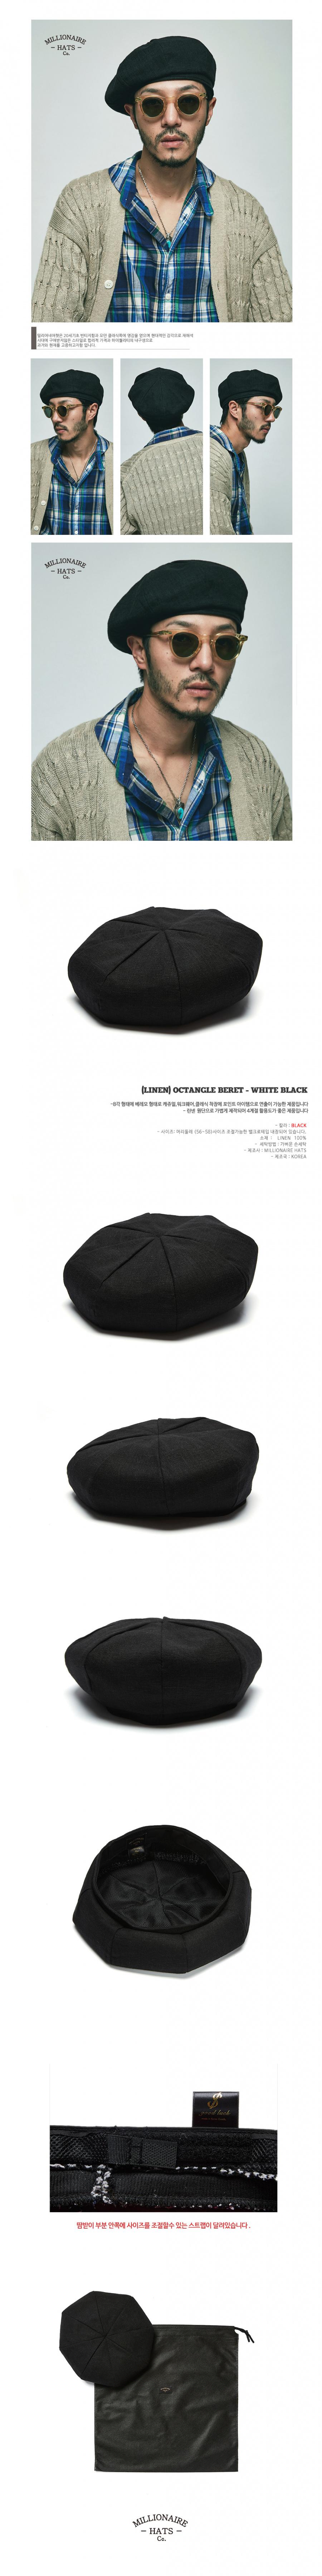 밀리어네어햇(MILLIONAIRE HATS) (Linen) octangle beret - BLACK